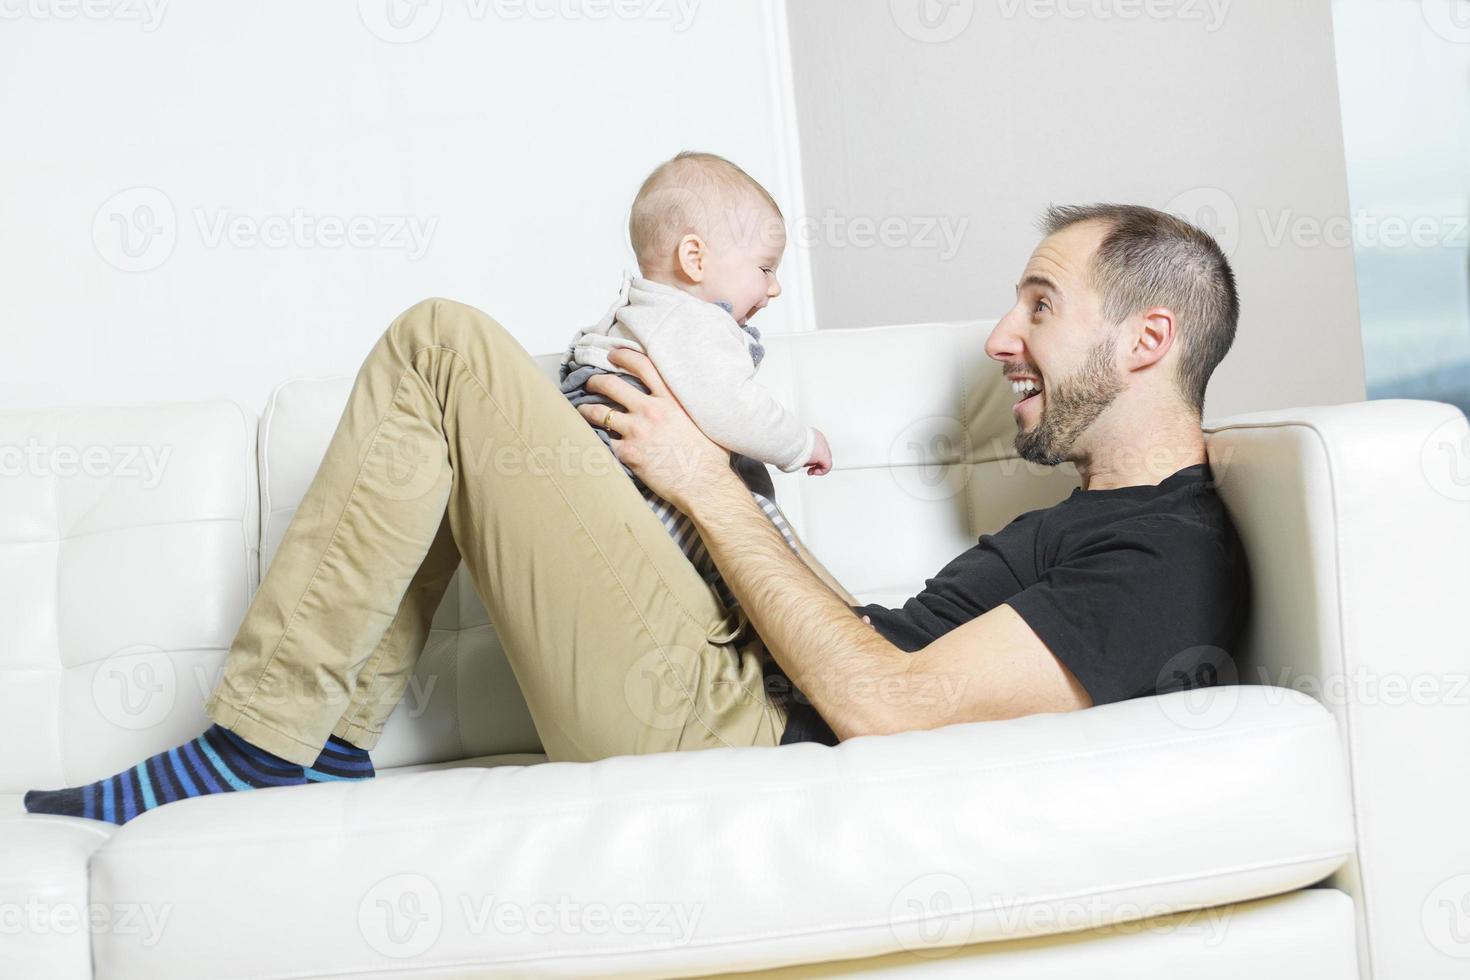 vader met baby op de bank die goede tijd vergen foto